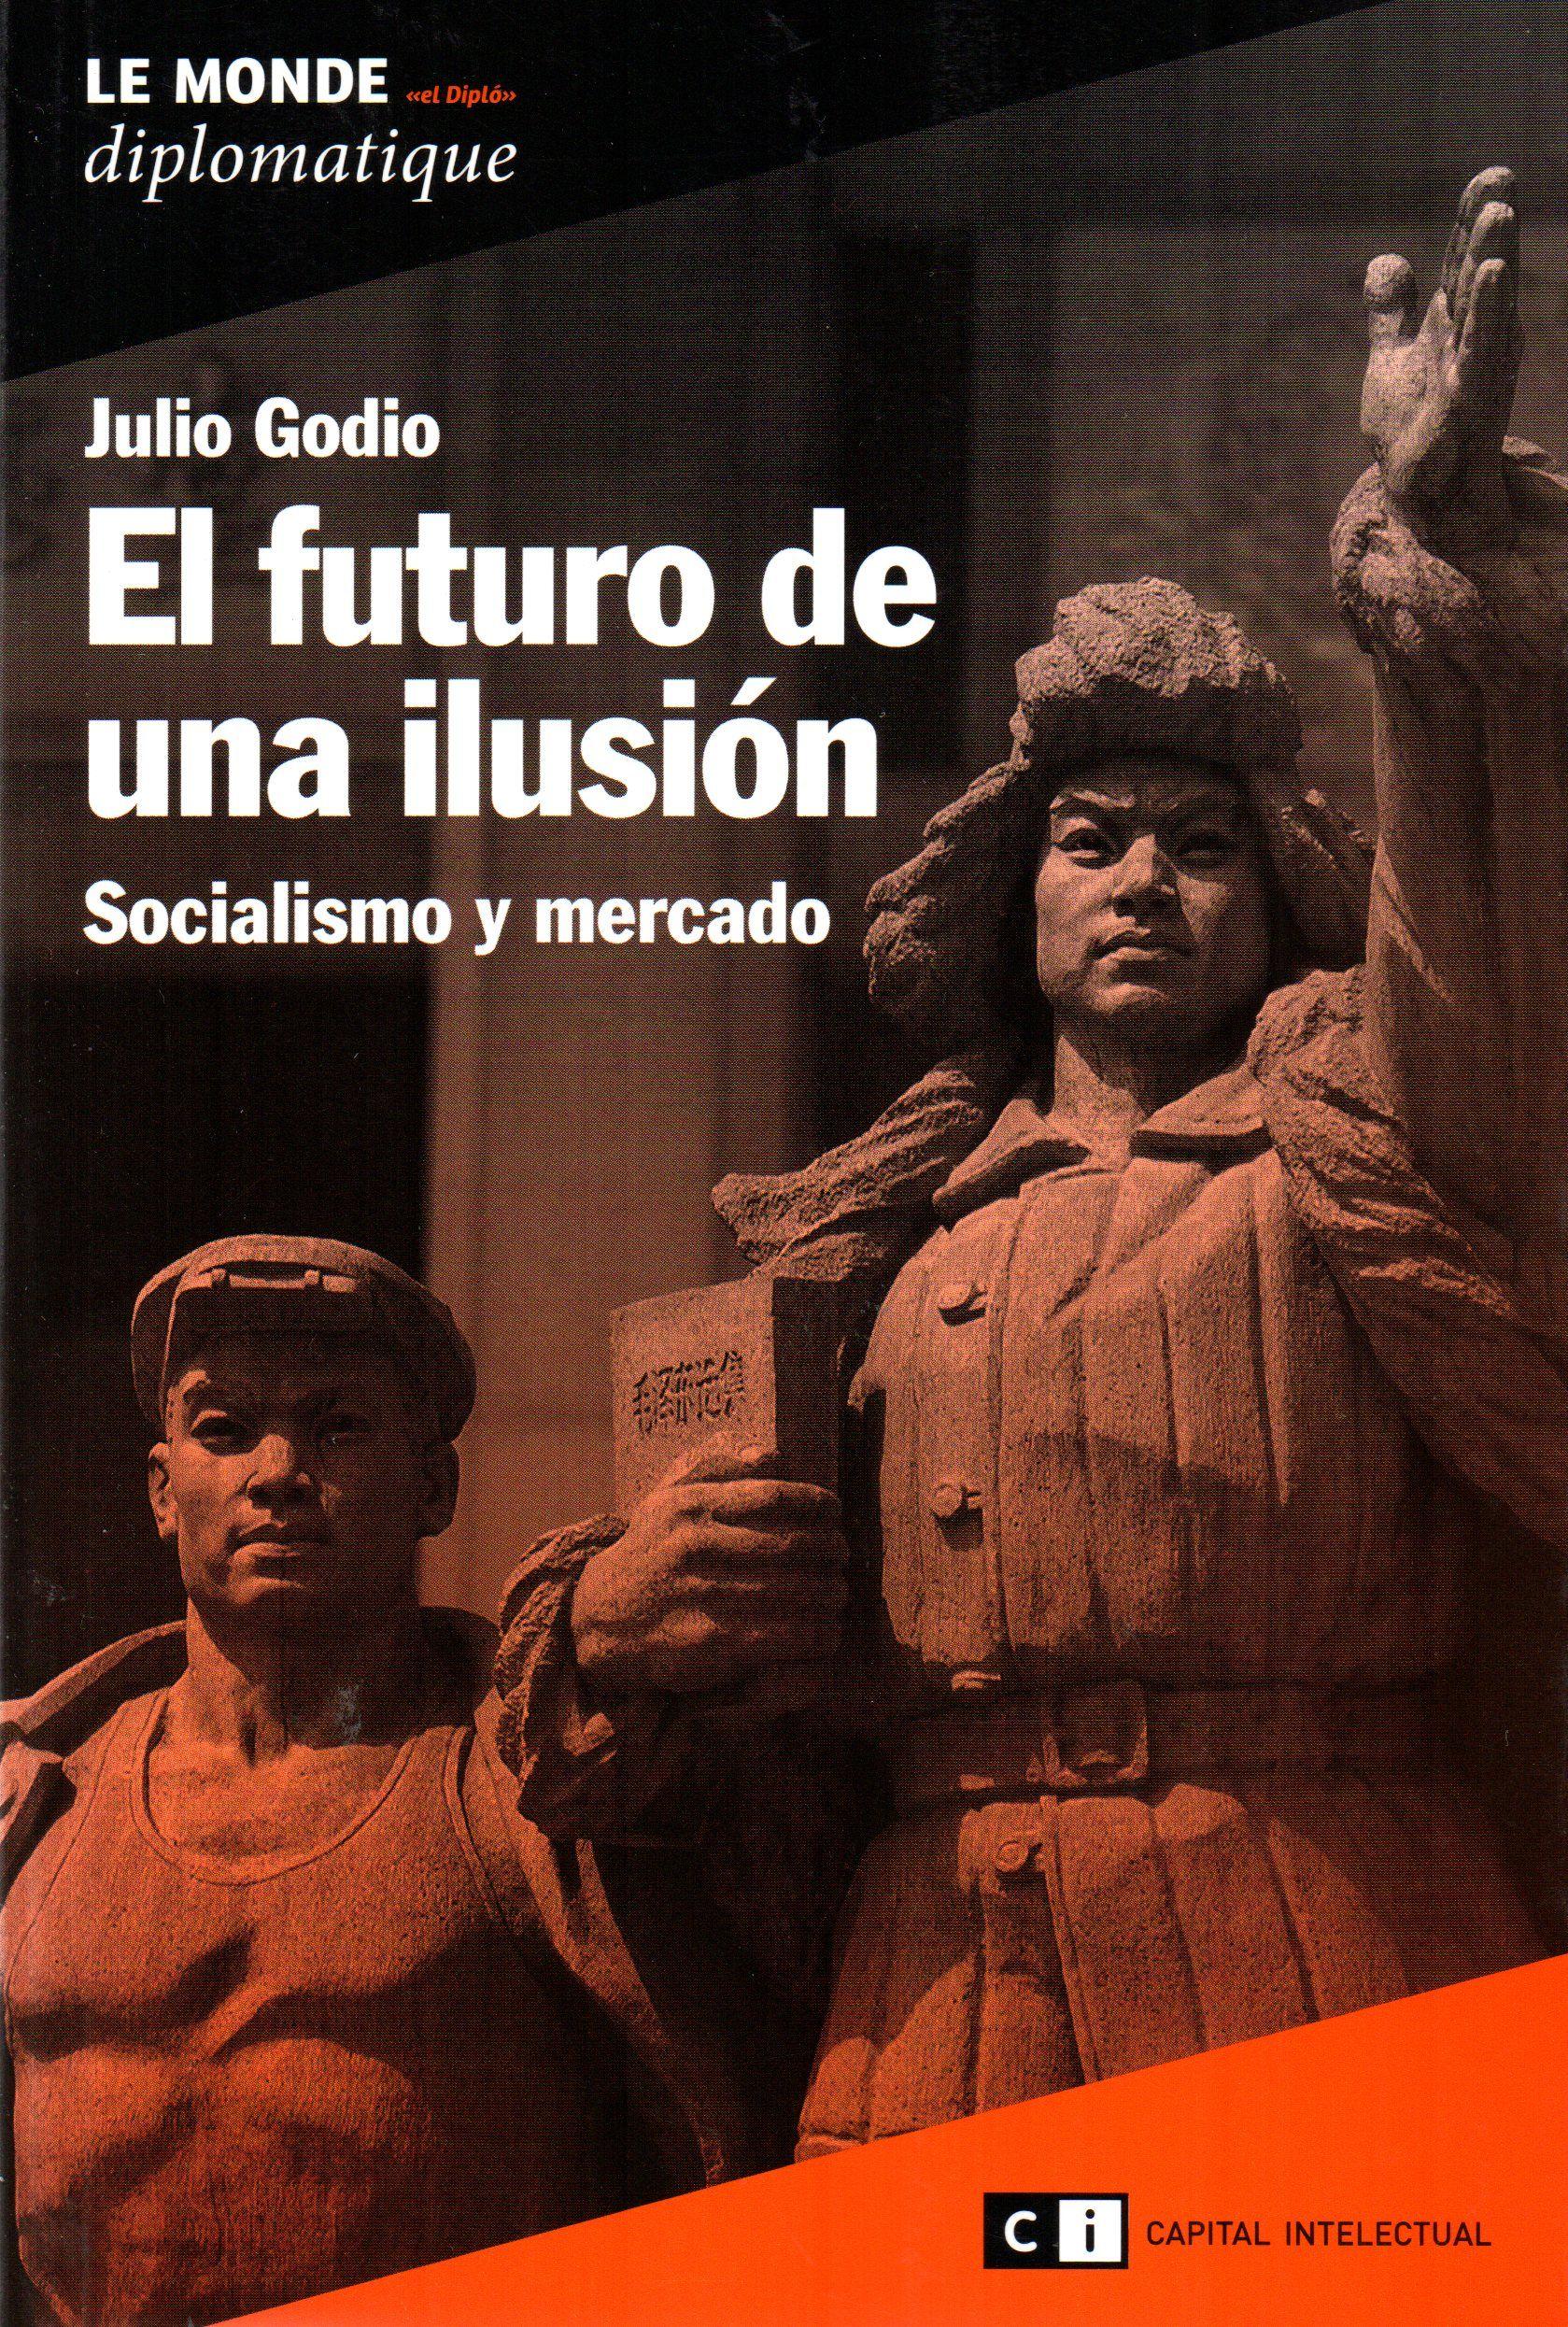 El futuro de una ilusión: socialismo y mercado / Julio Godio.(Ediciones Le Monde Diplomatique : Capital Intelectual, 2011) / HC 335.2 G63